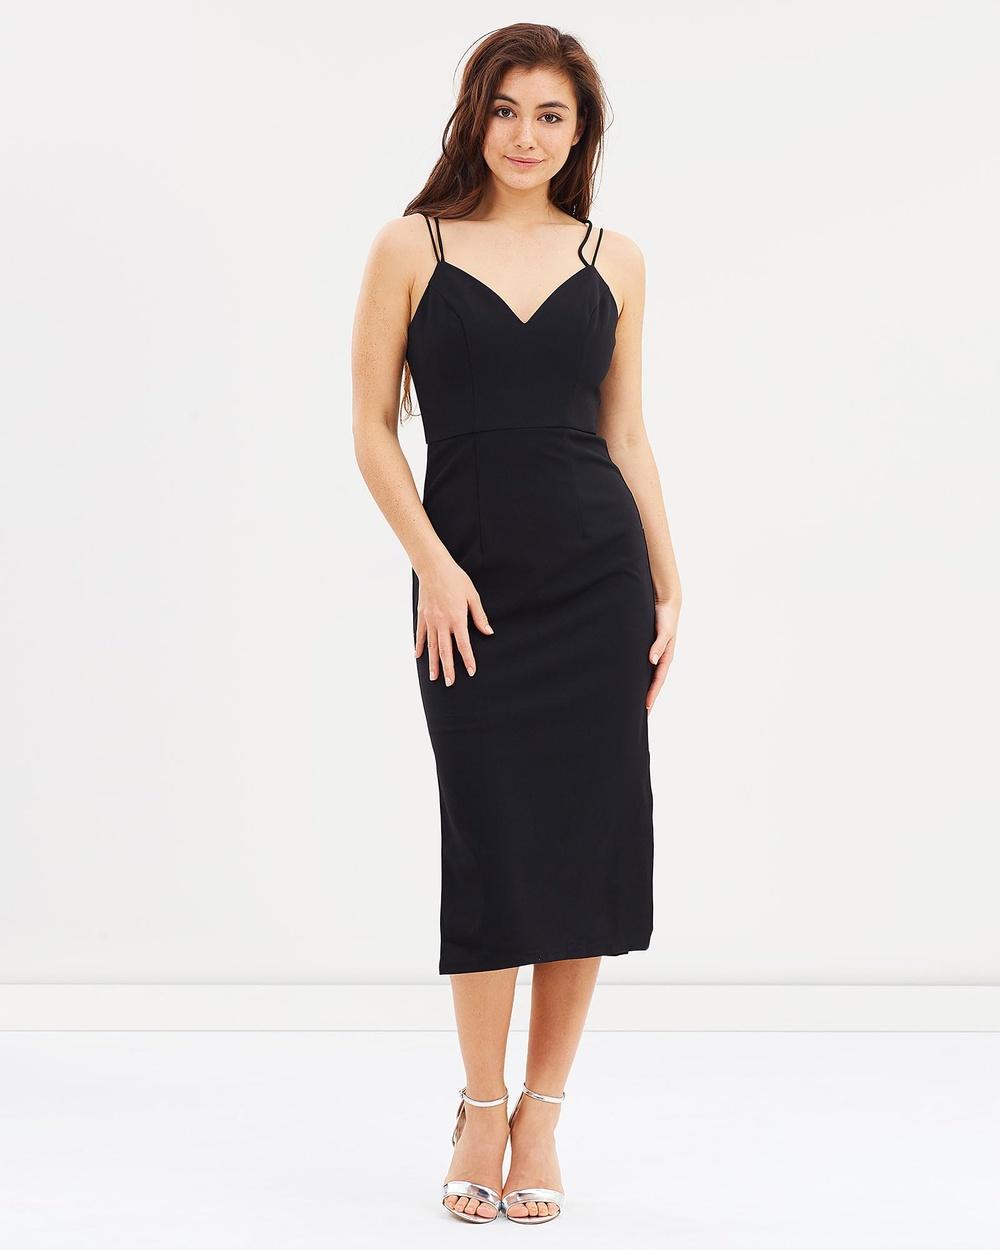 Lumier Black Nixie Twin Strap Midi Dress